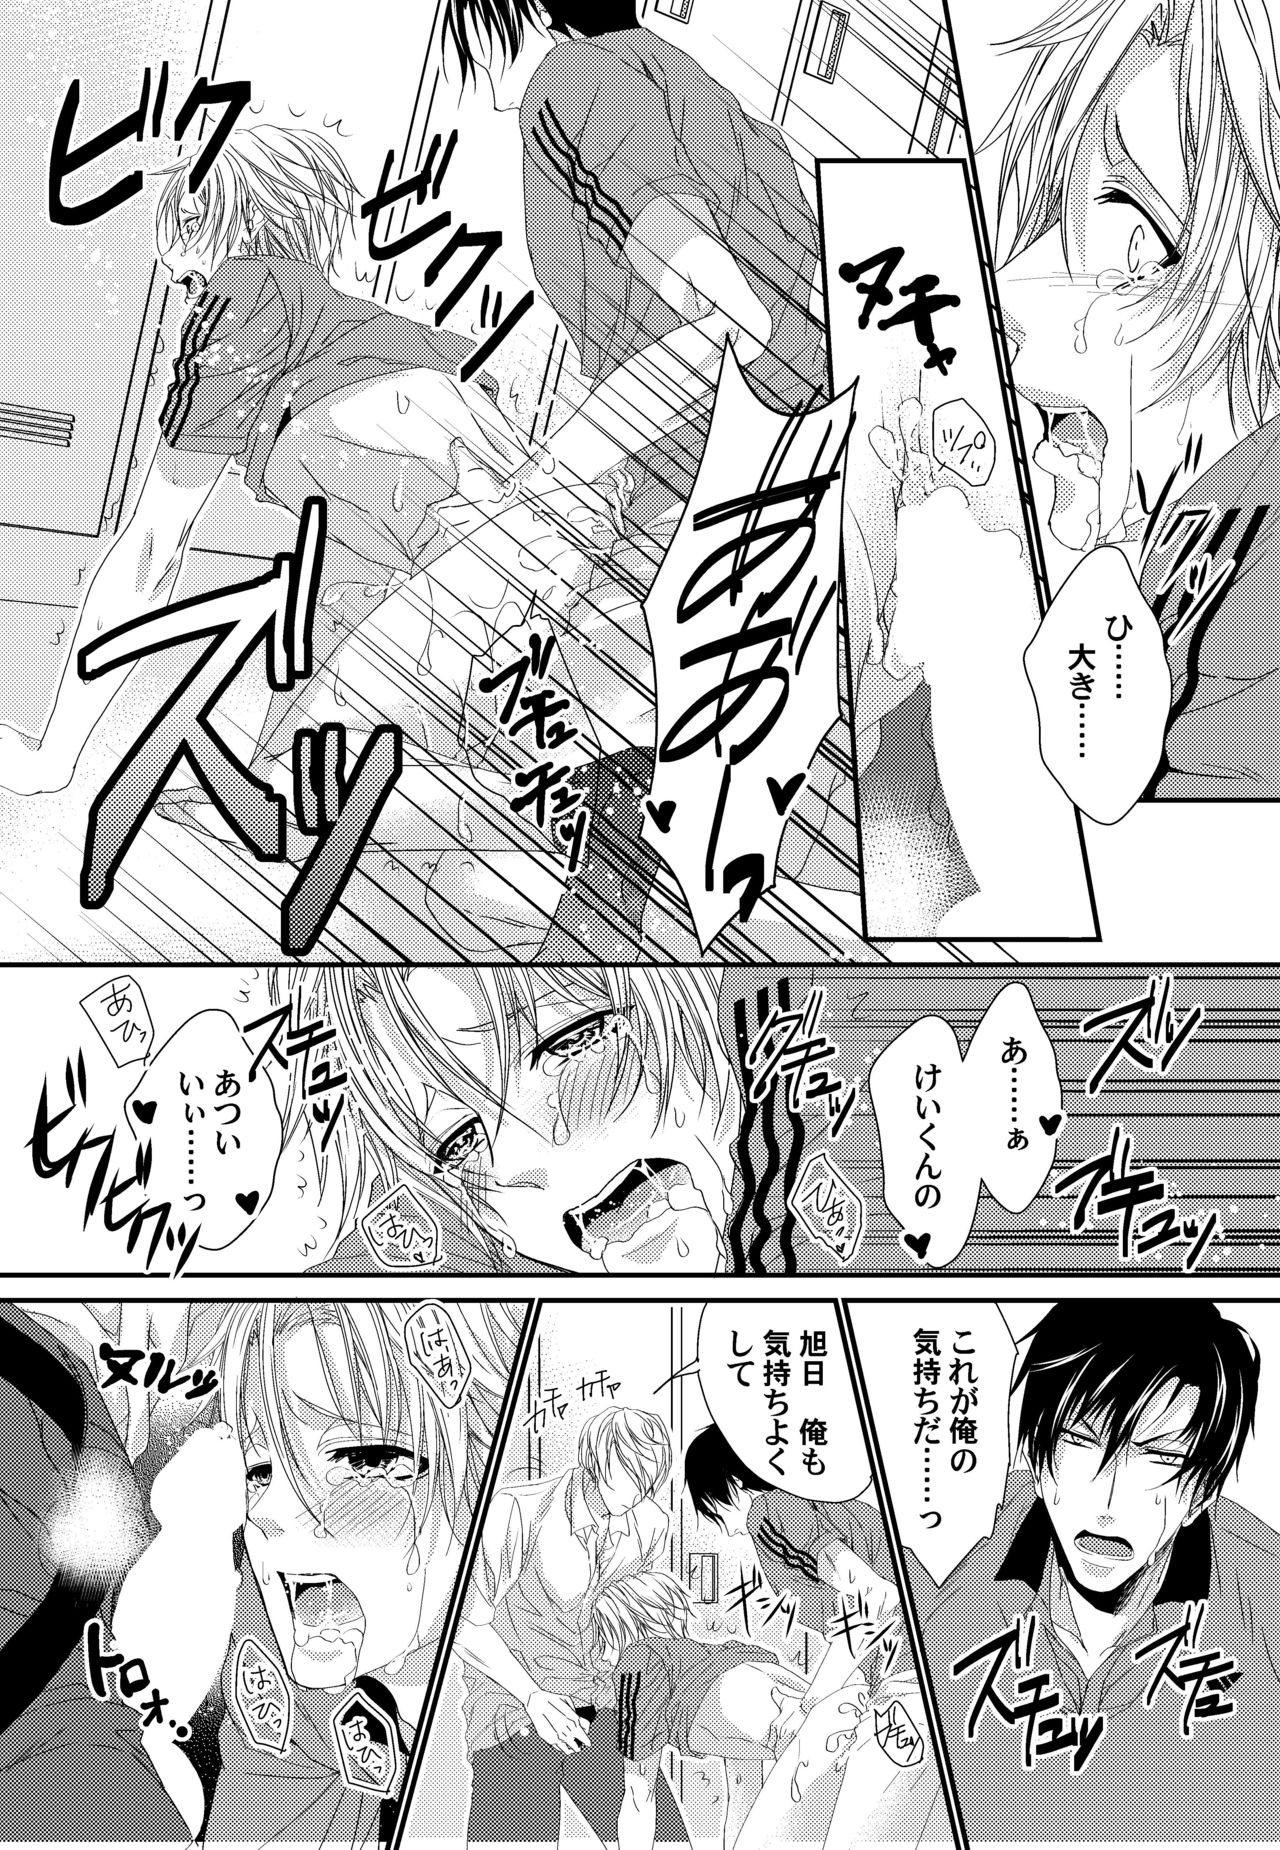 【BL同人誌】テニス部員の3人は、誰と組むかで可愛い旭日の取り合いに・・・!媚薬盛られて蕩ける旭日と身体の相性がいいのはどっちか試すため、部室で激しい3Pしちゃうwwww【オリジナル】 021